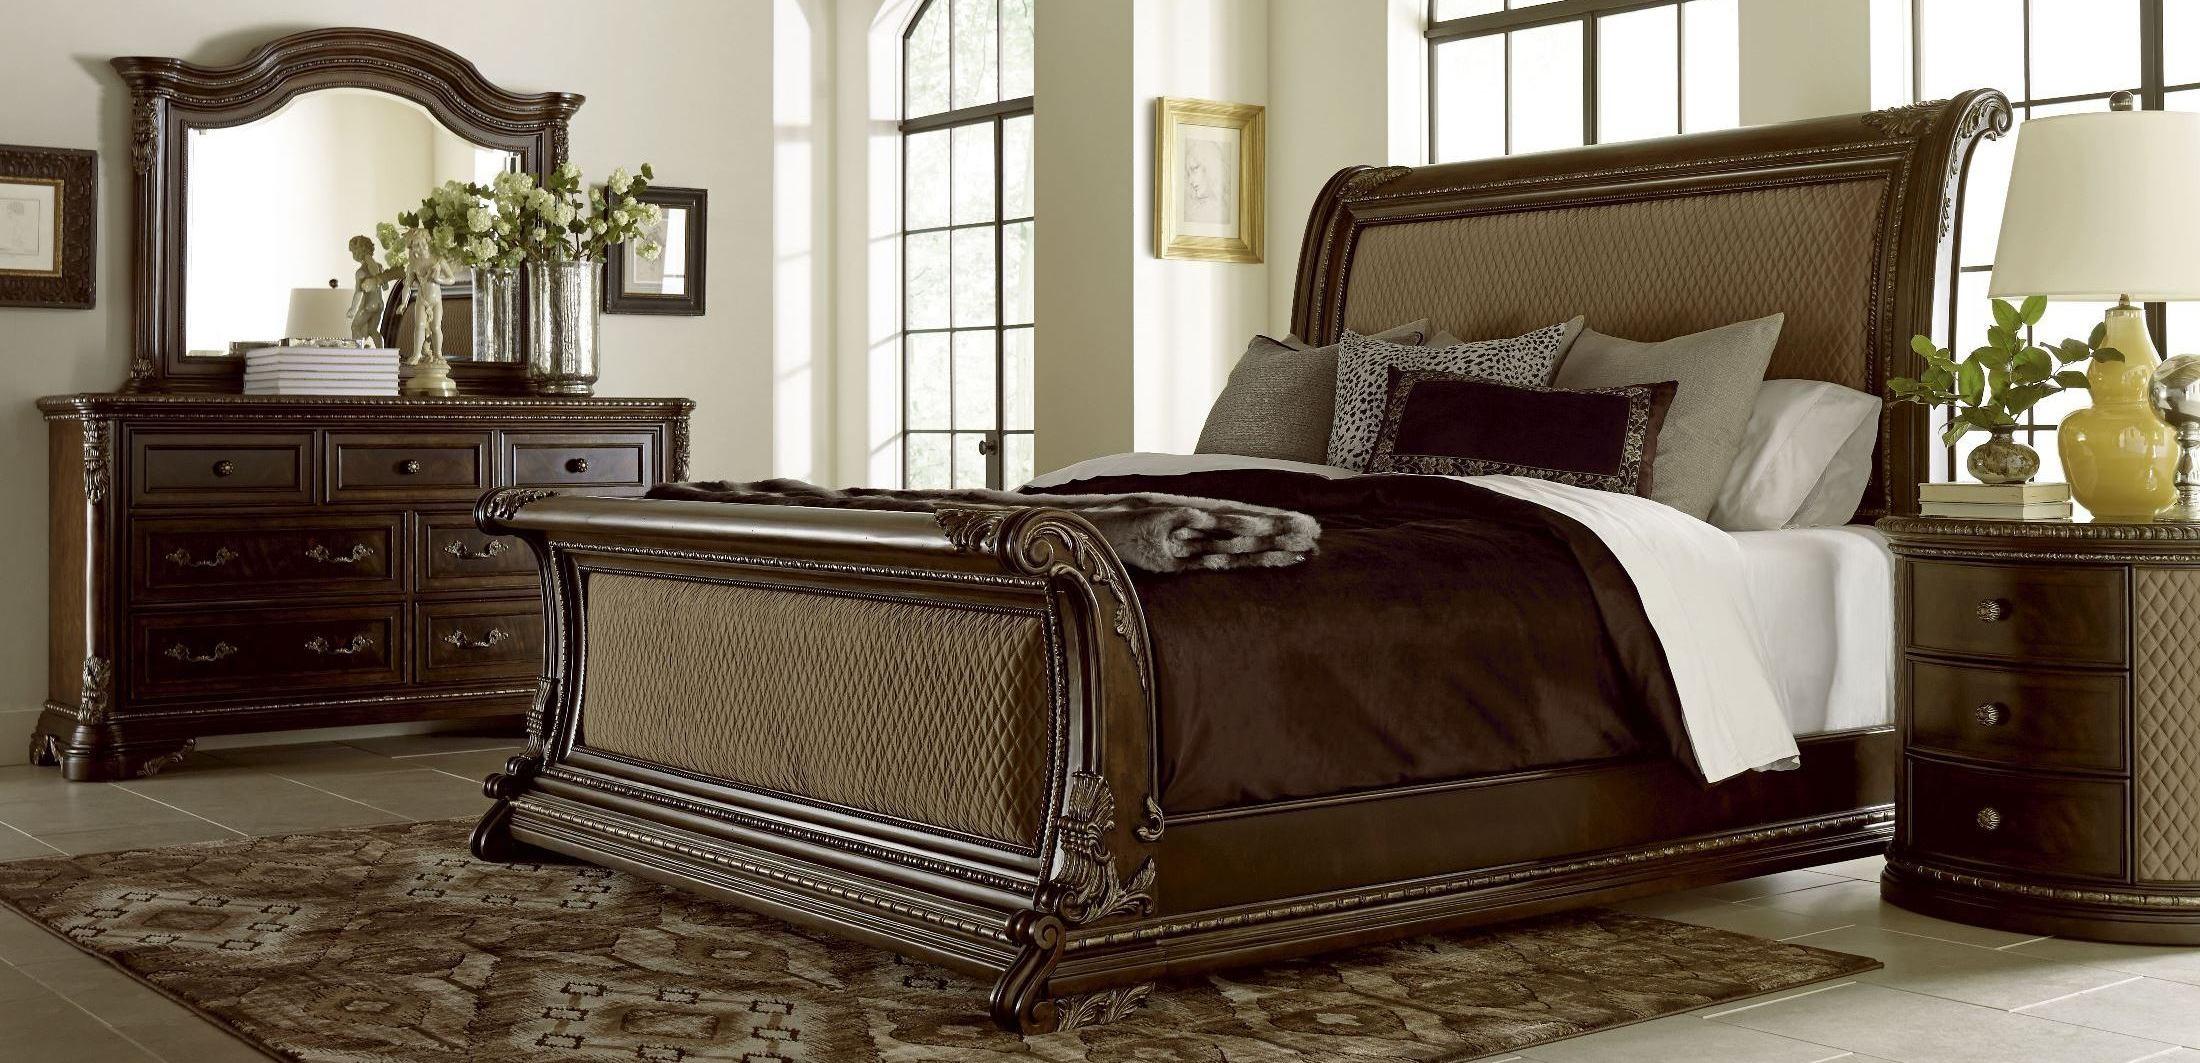 Gables upholstered sleigh bedroom set from art 245145 1707 coleman furniture for Upholstered sleigh bedroom set